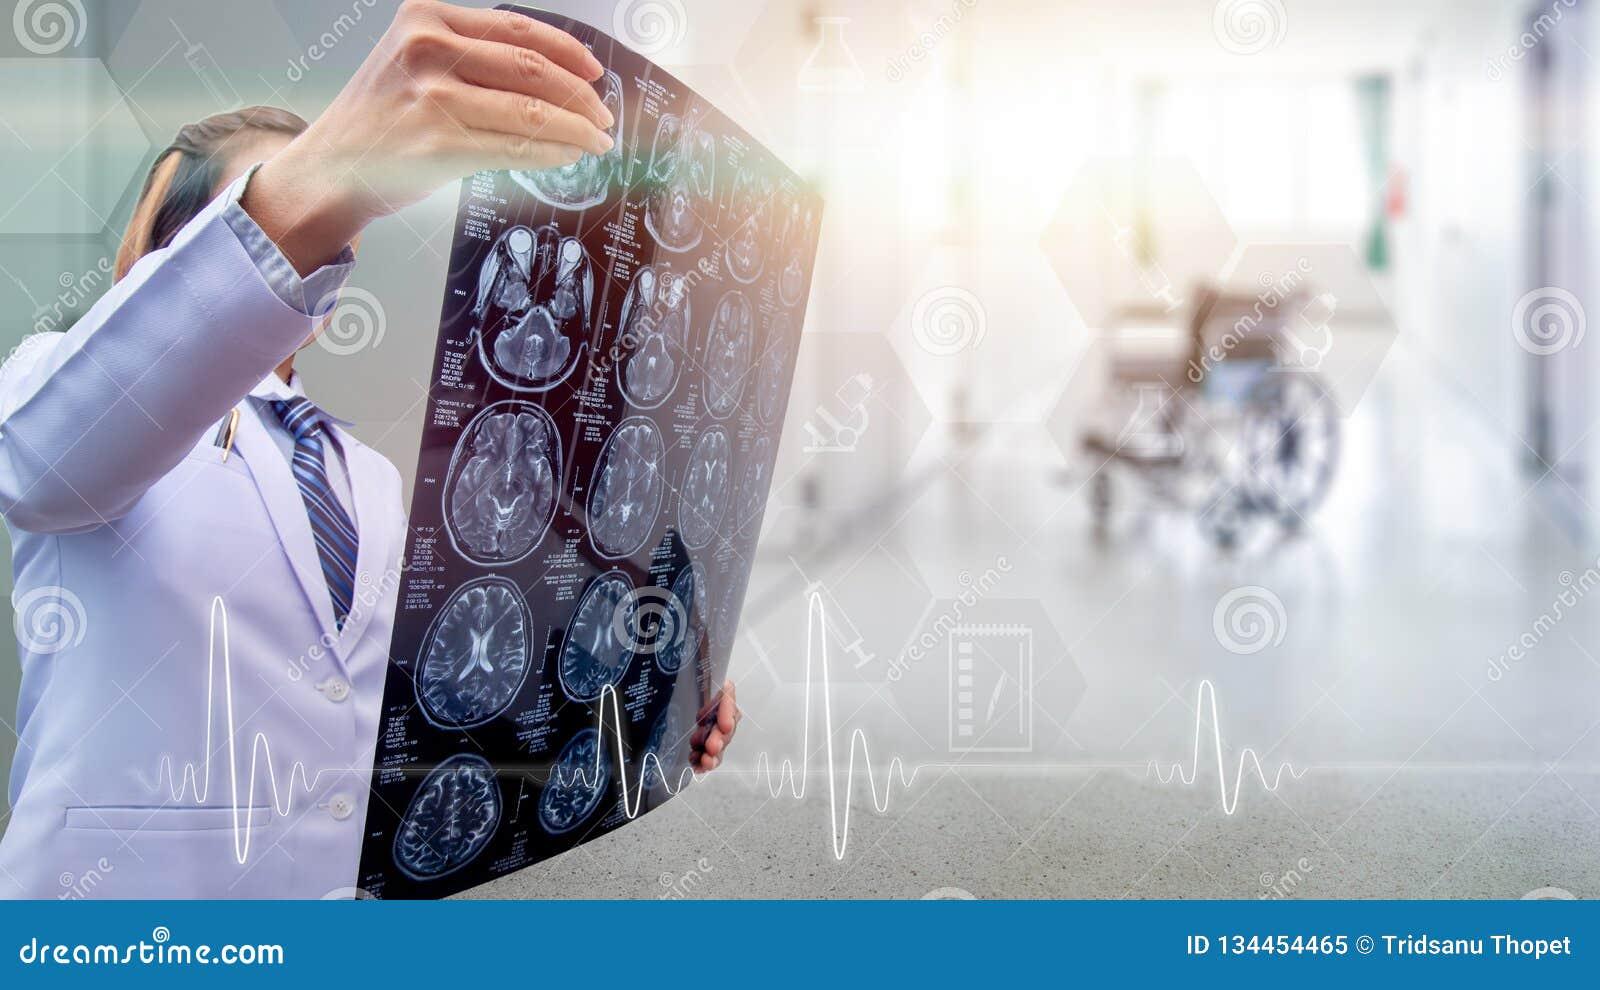 Parte superior do corpo humano, imagem do raio X da qualidade da altura de humano dentro